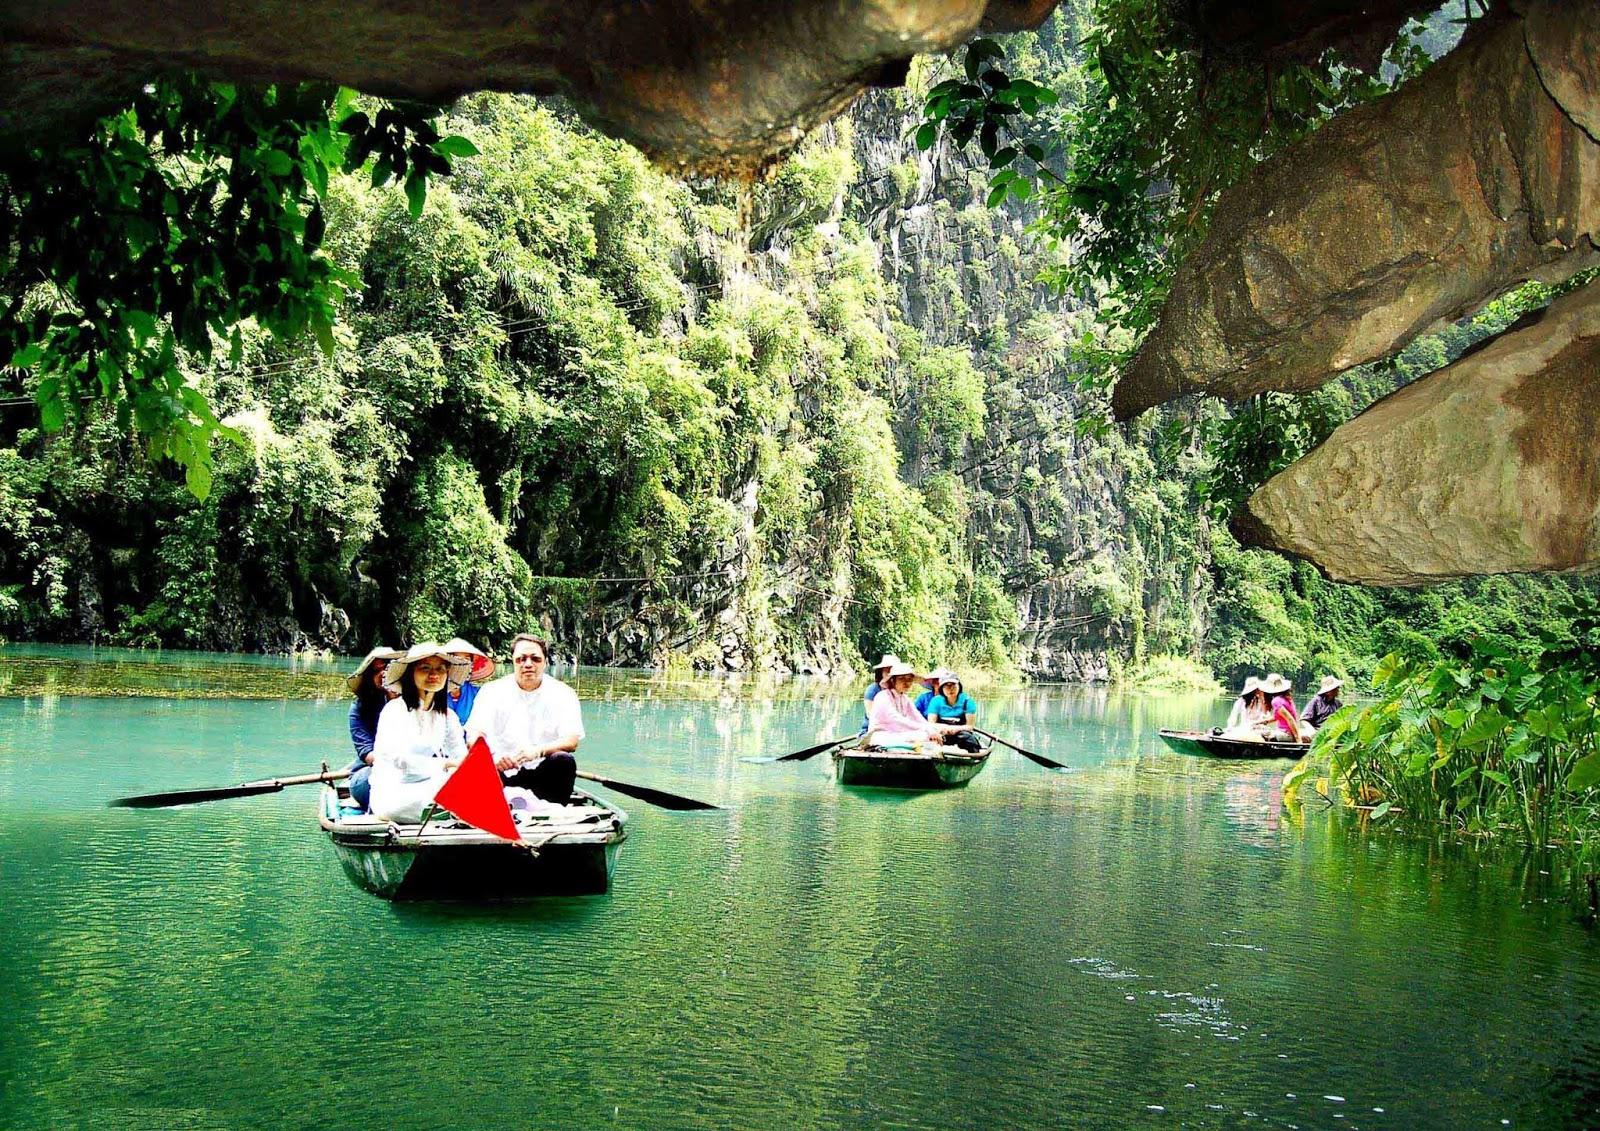 Du lịch Tràng An Ninh Bình: Kinh nghiệm phượt bụi Tràng An chi tiết nhất